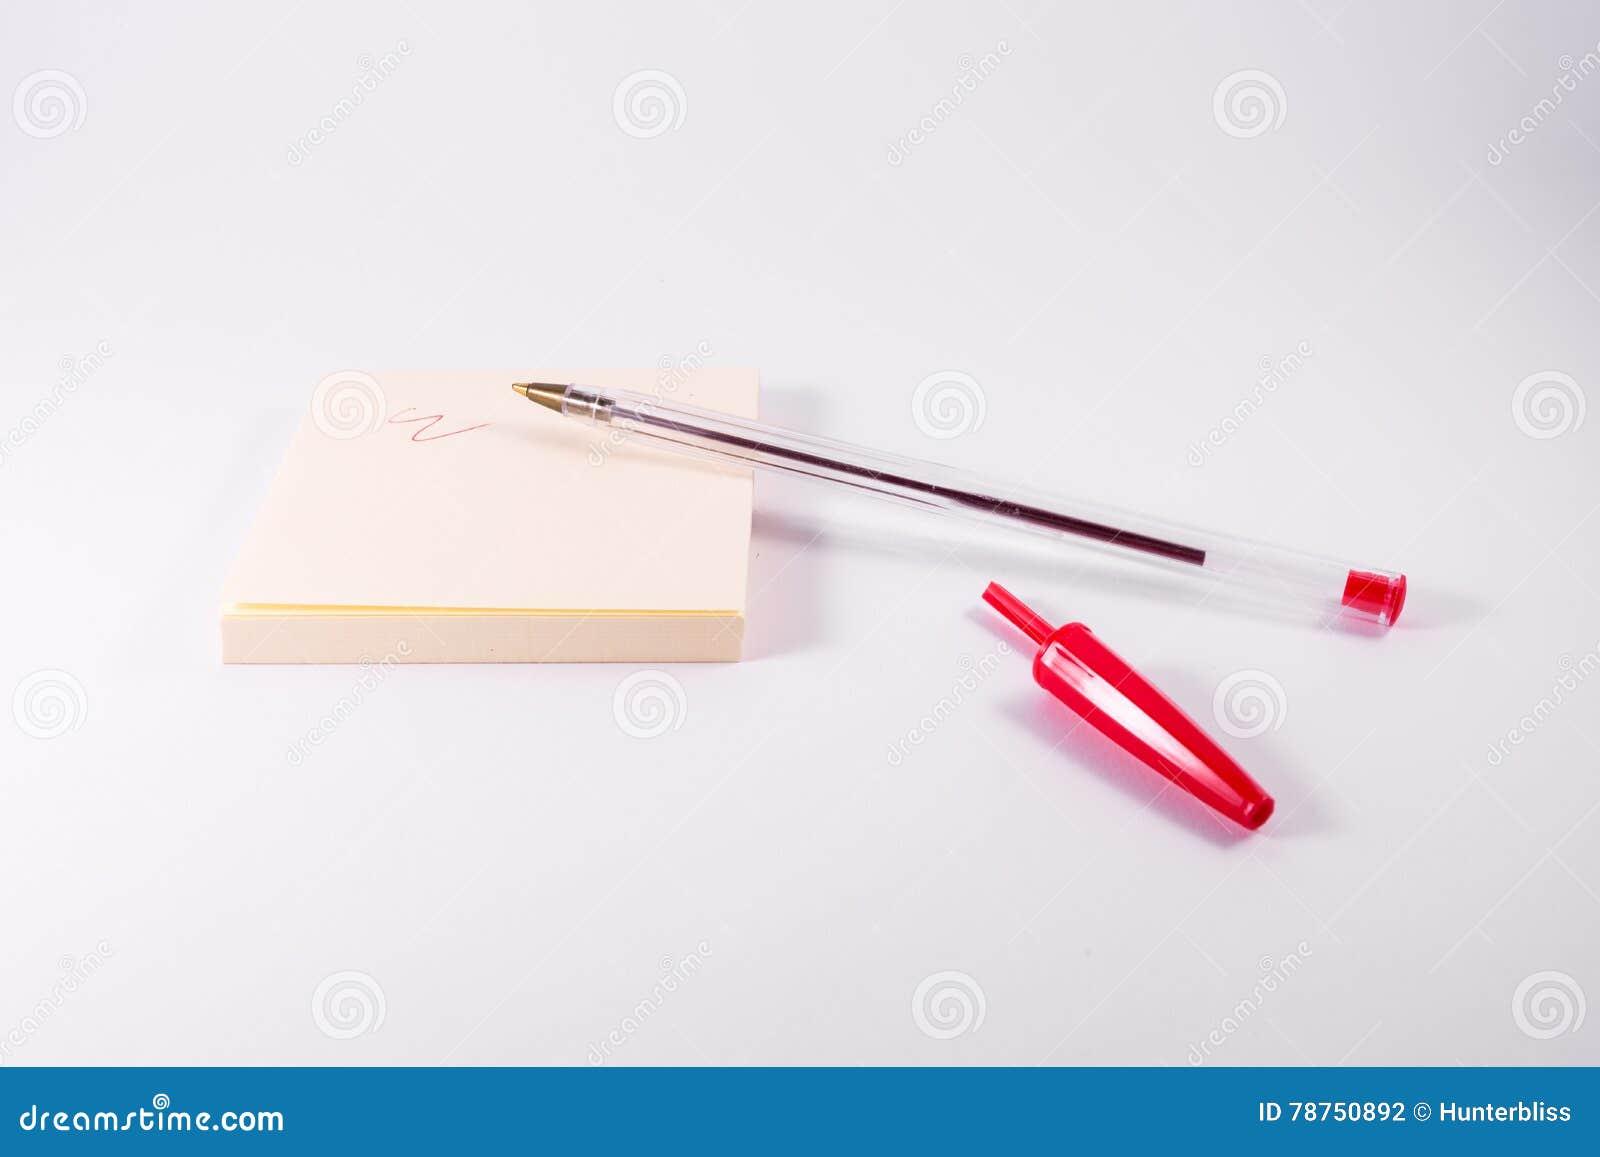 Rood Pen Ink Writing Sticky Note-het Gekrabbelwit van de Blocnoteherinnering